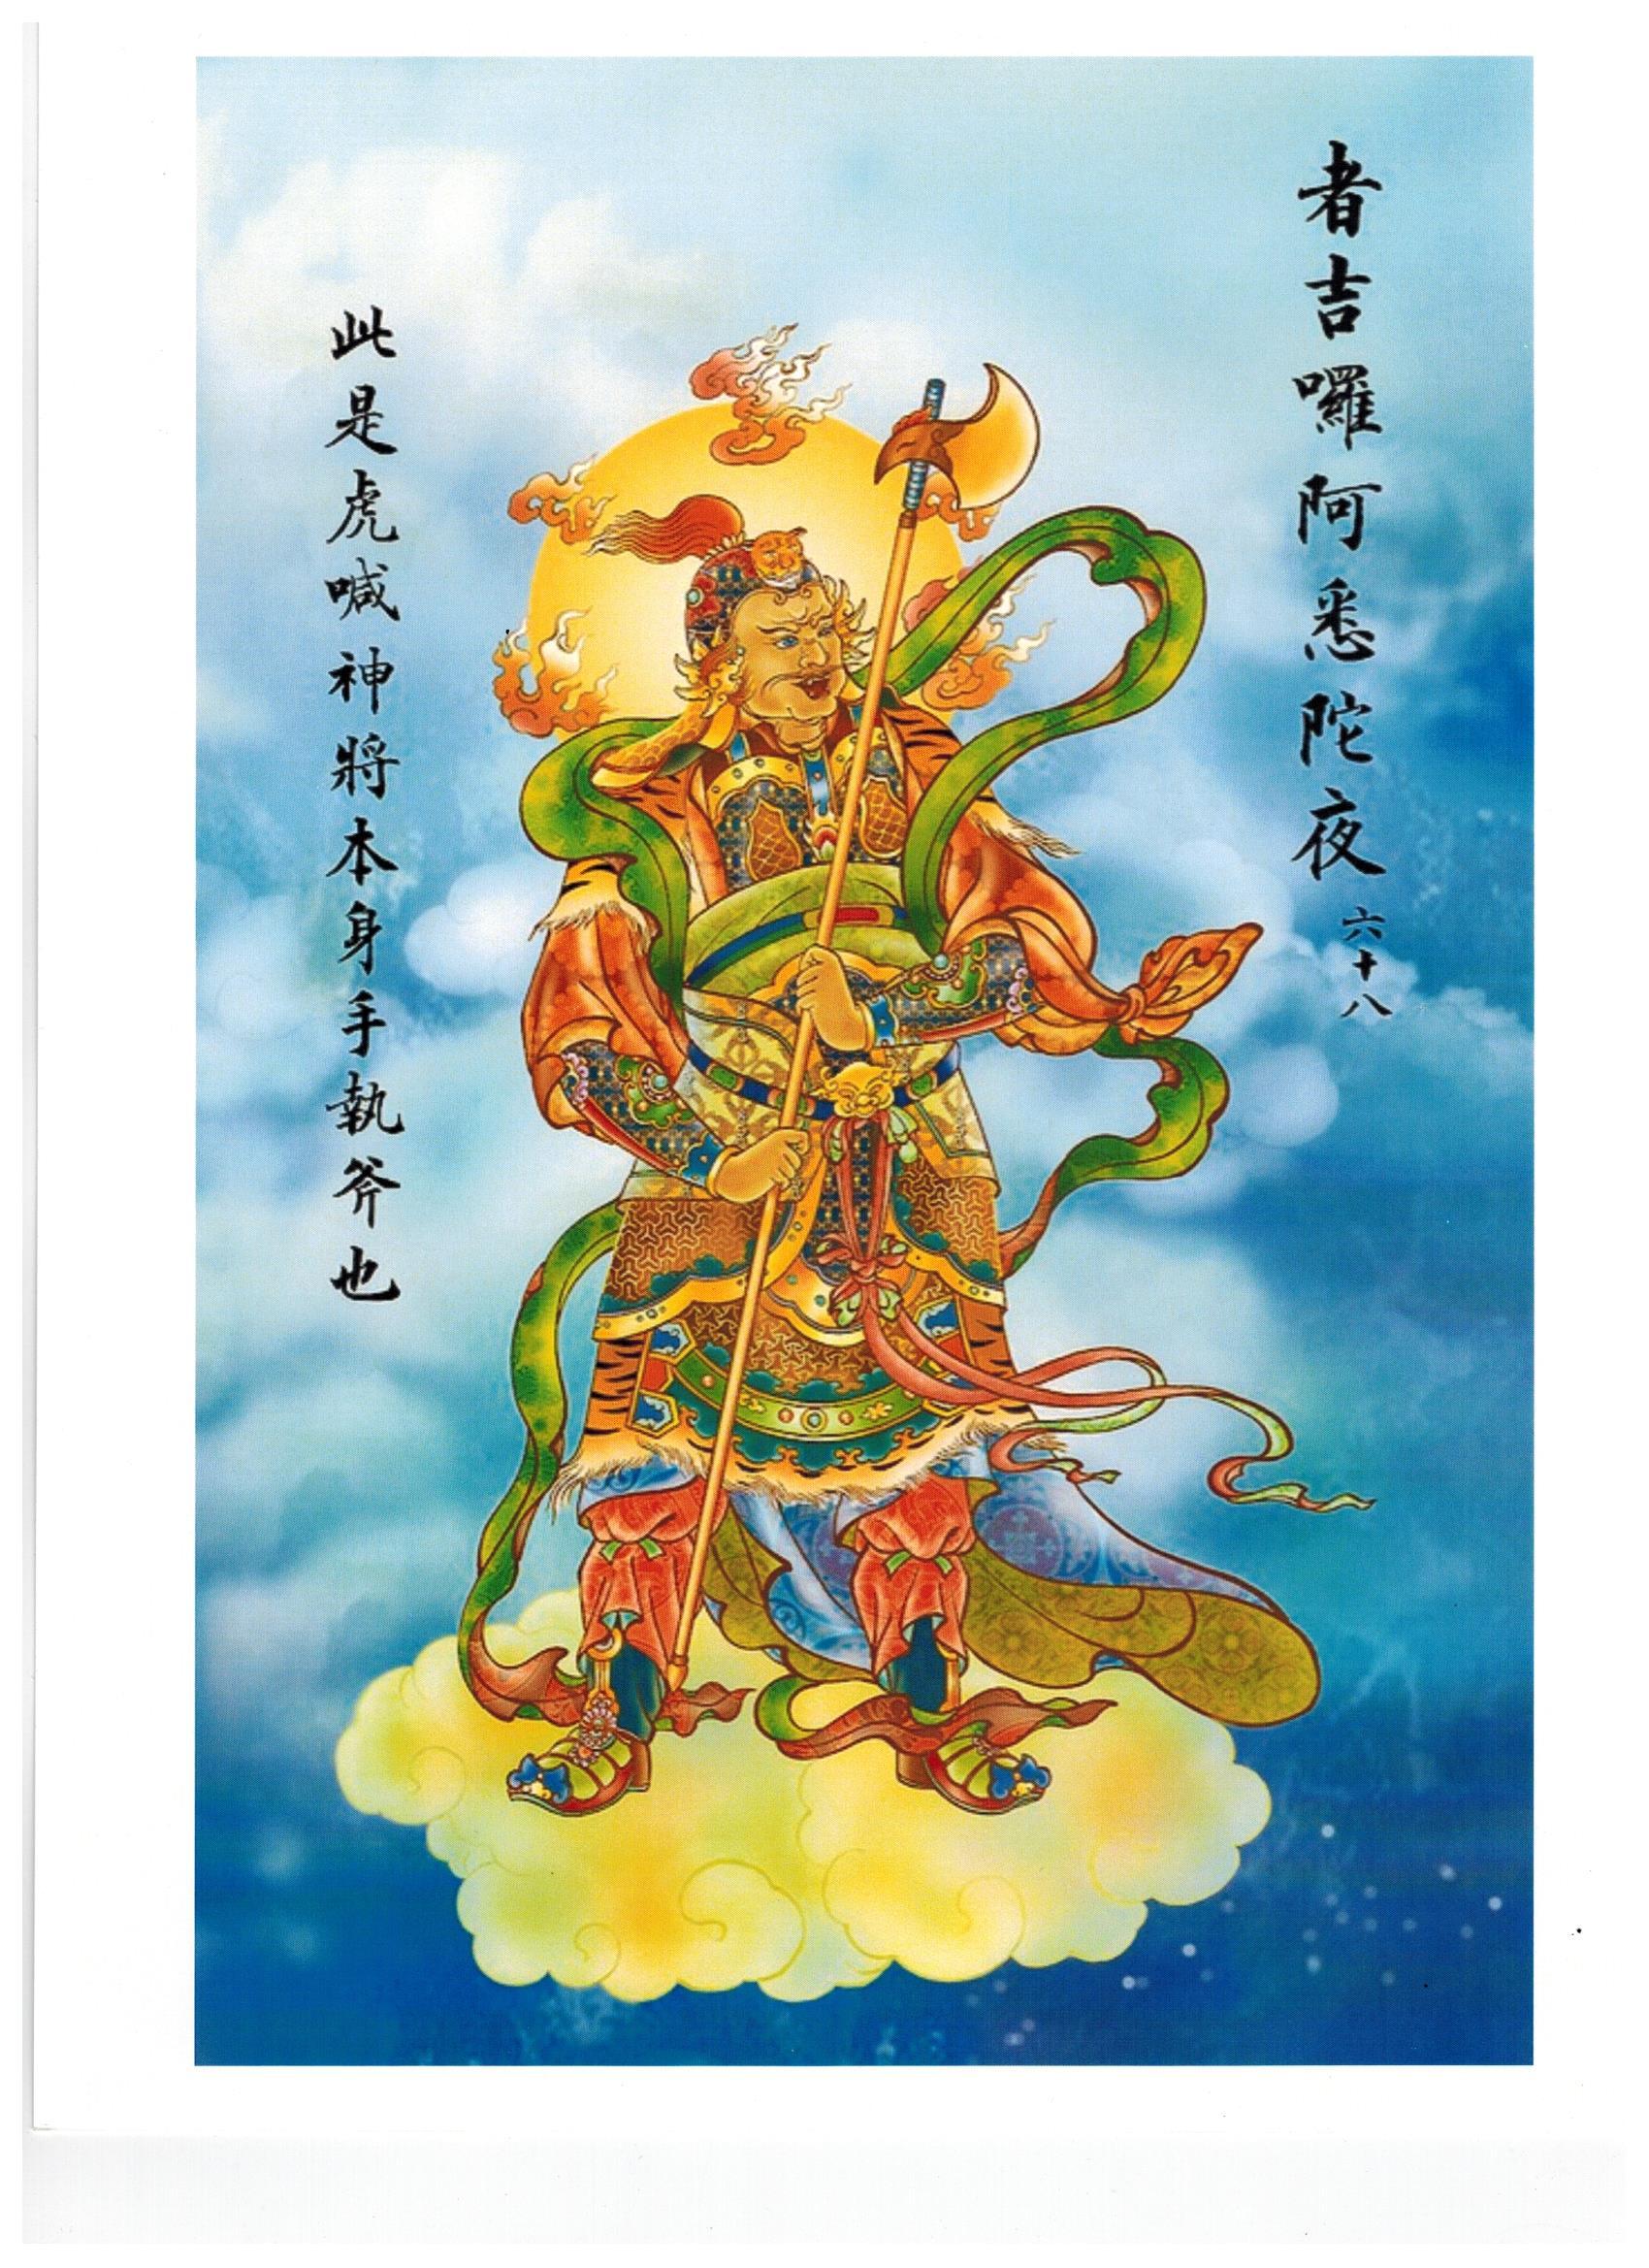 68_–_Zhe_Ji_La_Wo_Xi_Tuo_Ye